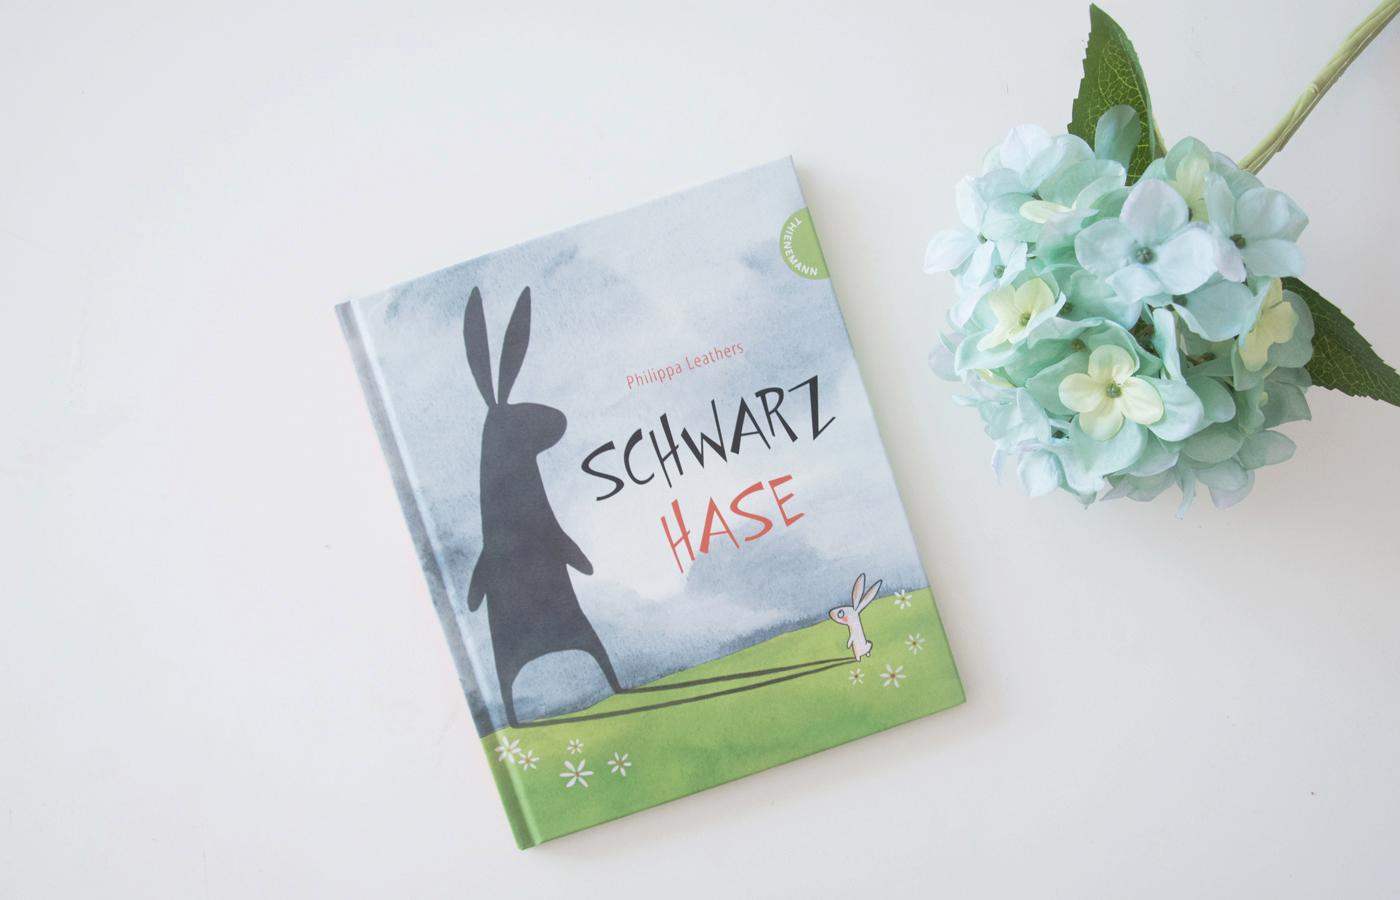 Literaturbesprechung:  »Schwarzhase« von Philippa Leathers